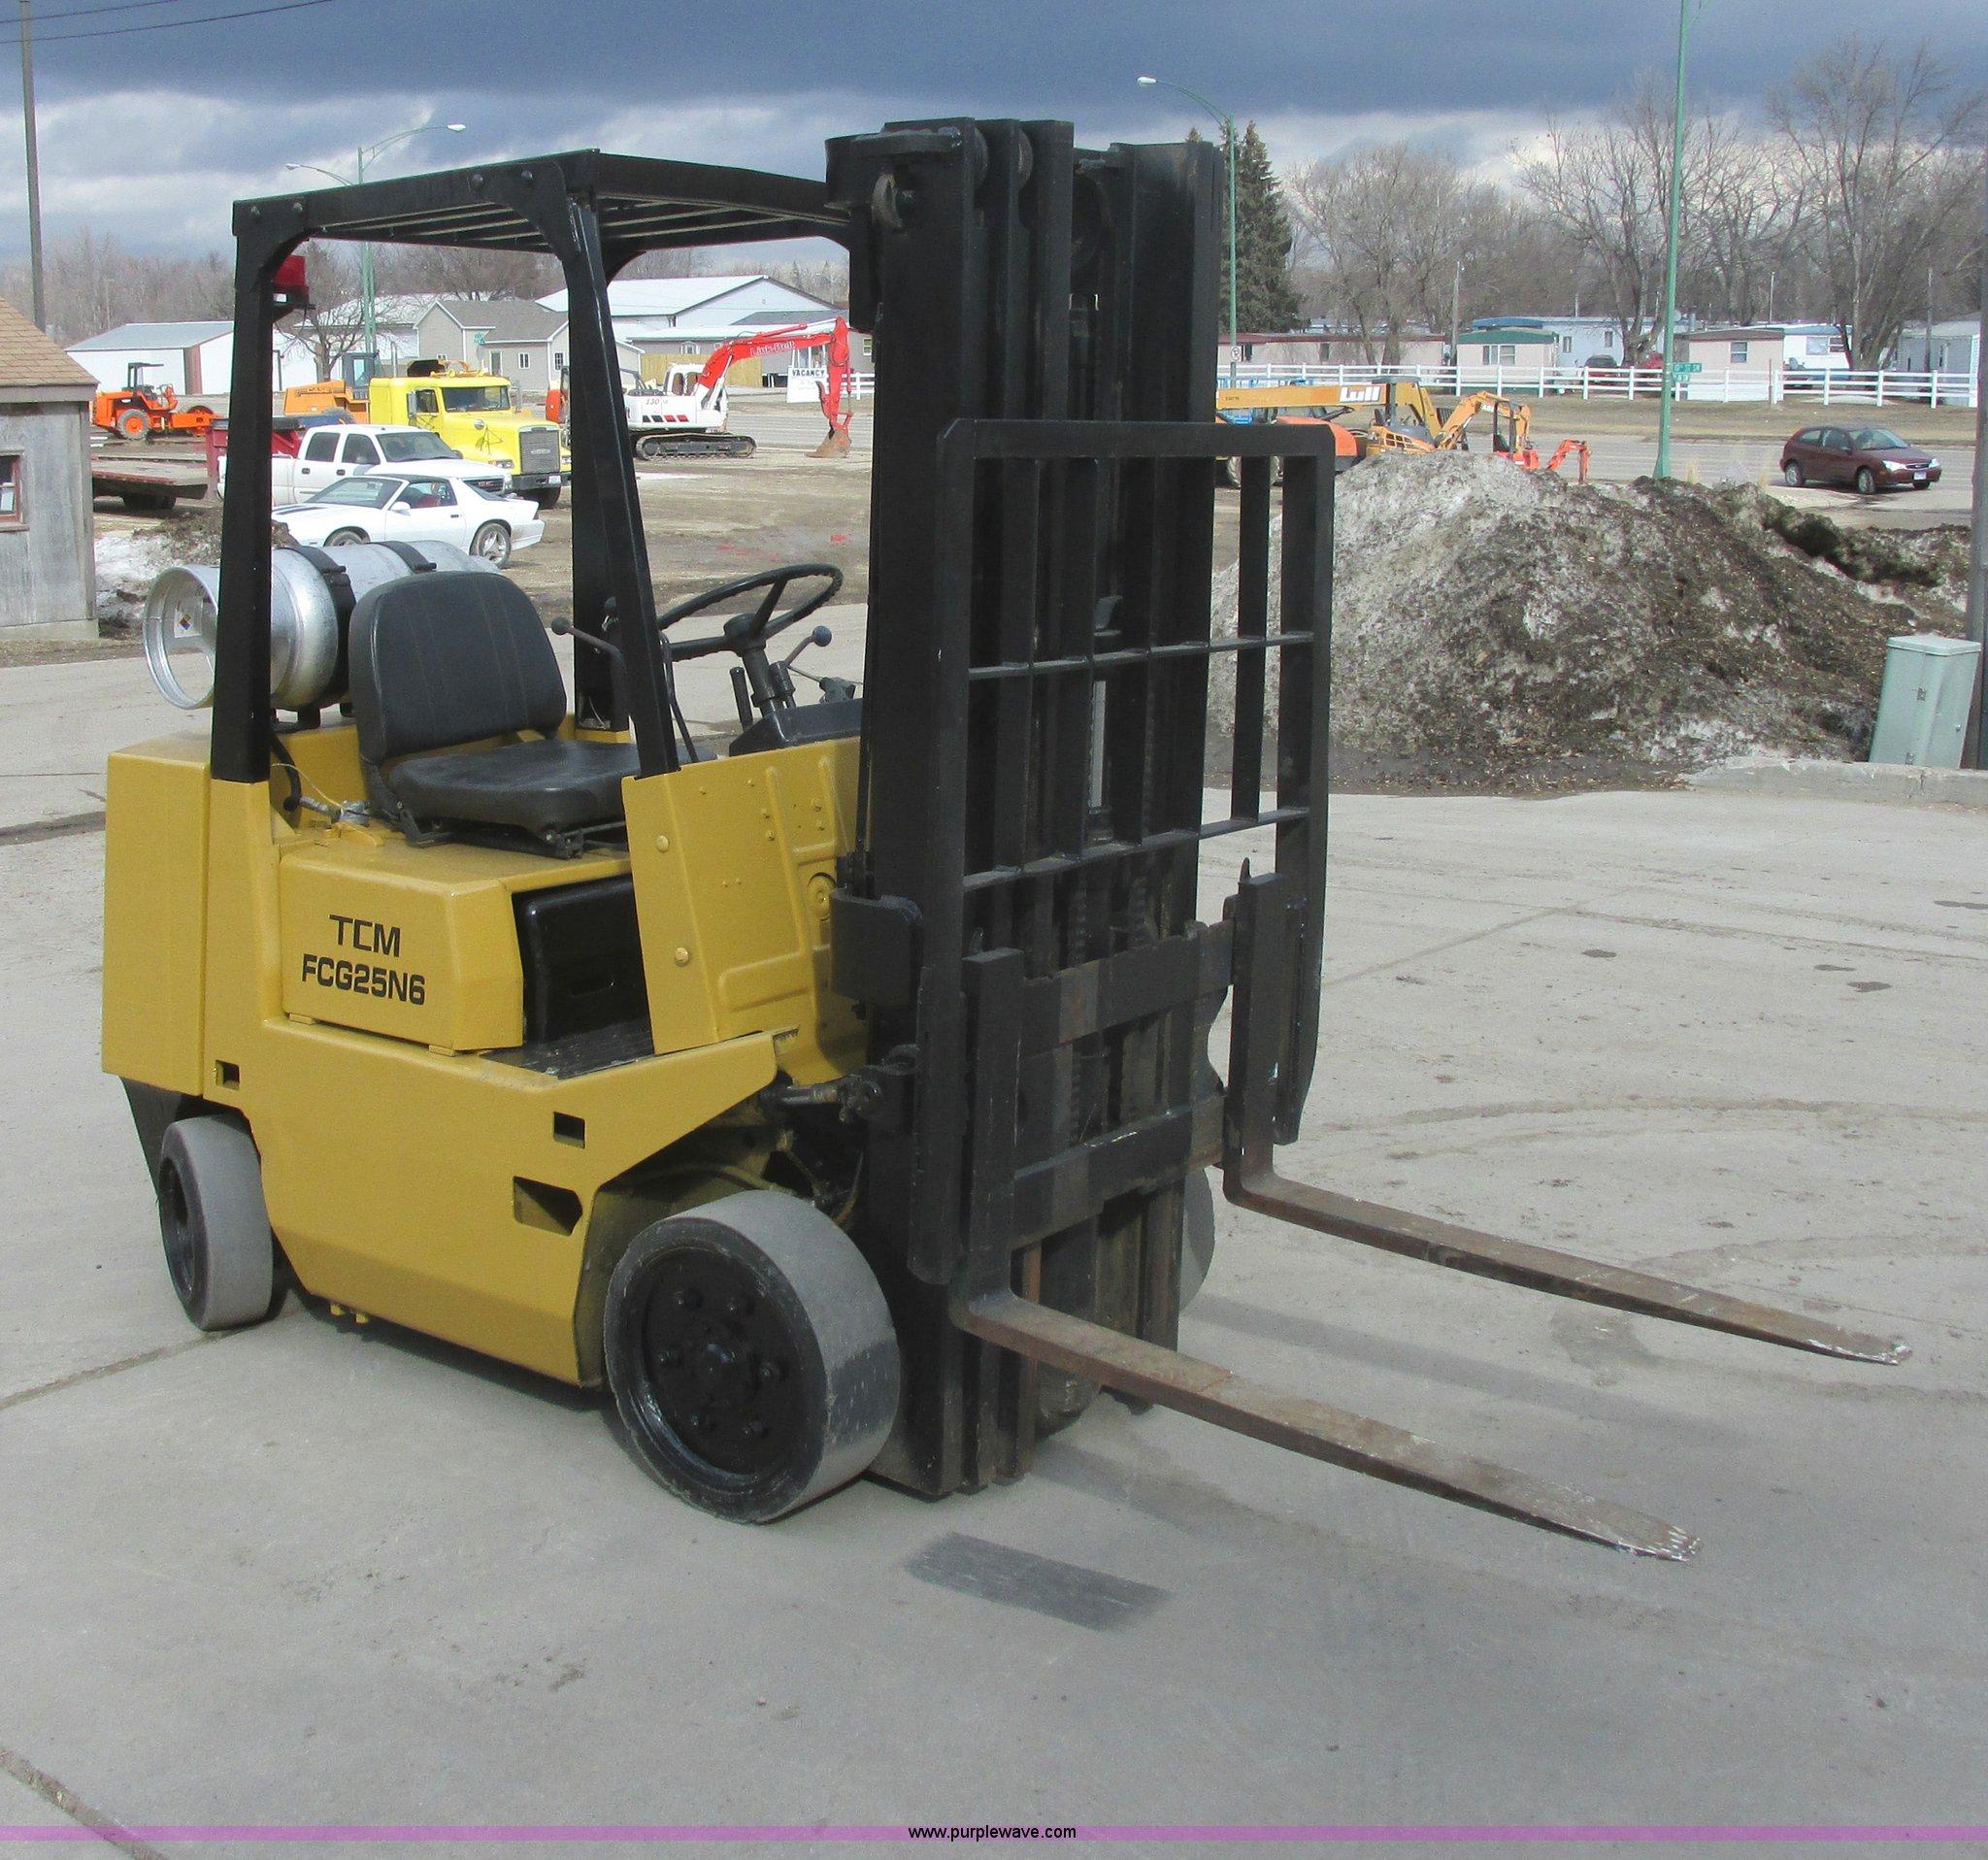 Tcm Fcg25n6 Forklift Manual Wiring Diagram Fc625n6 Item E5313 Sold April 24 Construct Rh Purplewave Com Fork Lift Manualdownload Prog 25 T3l